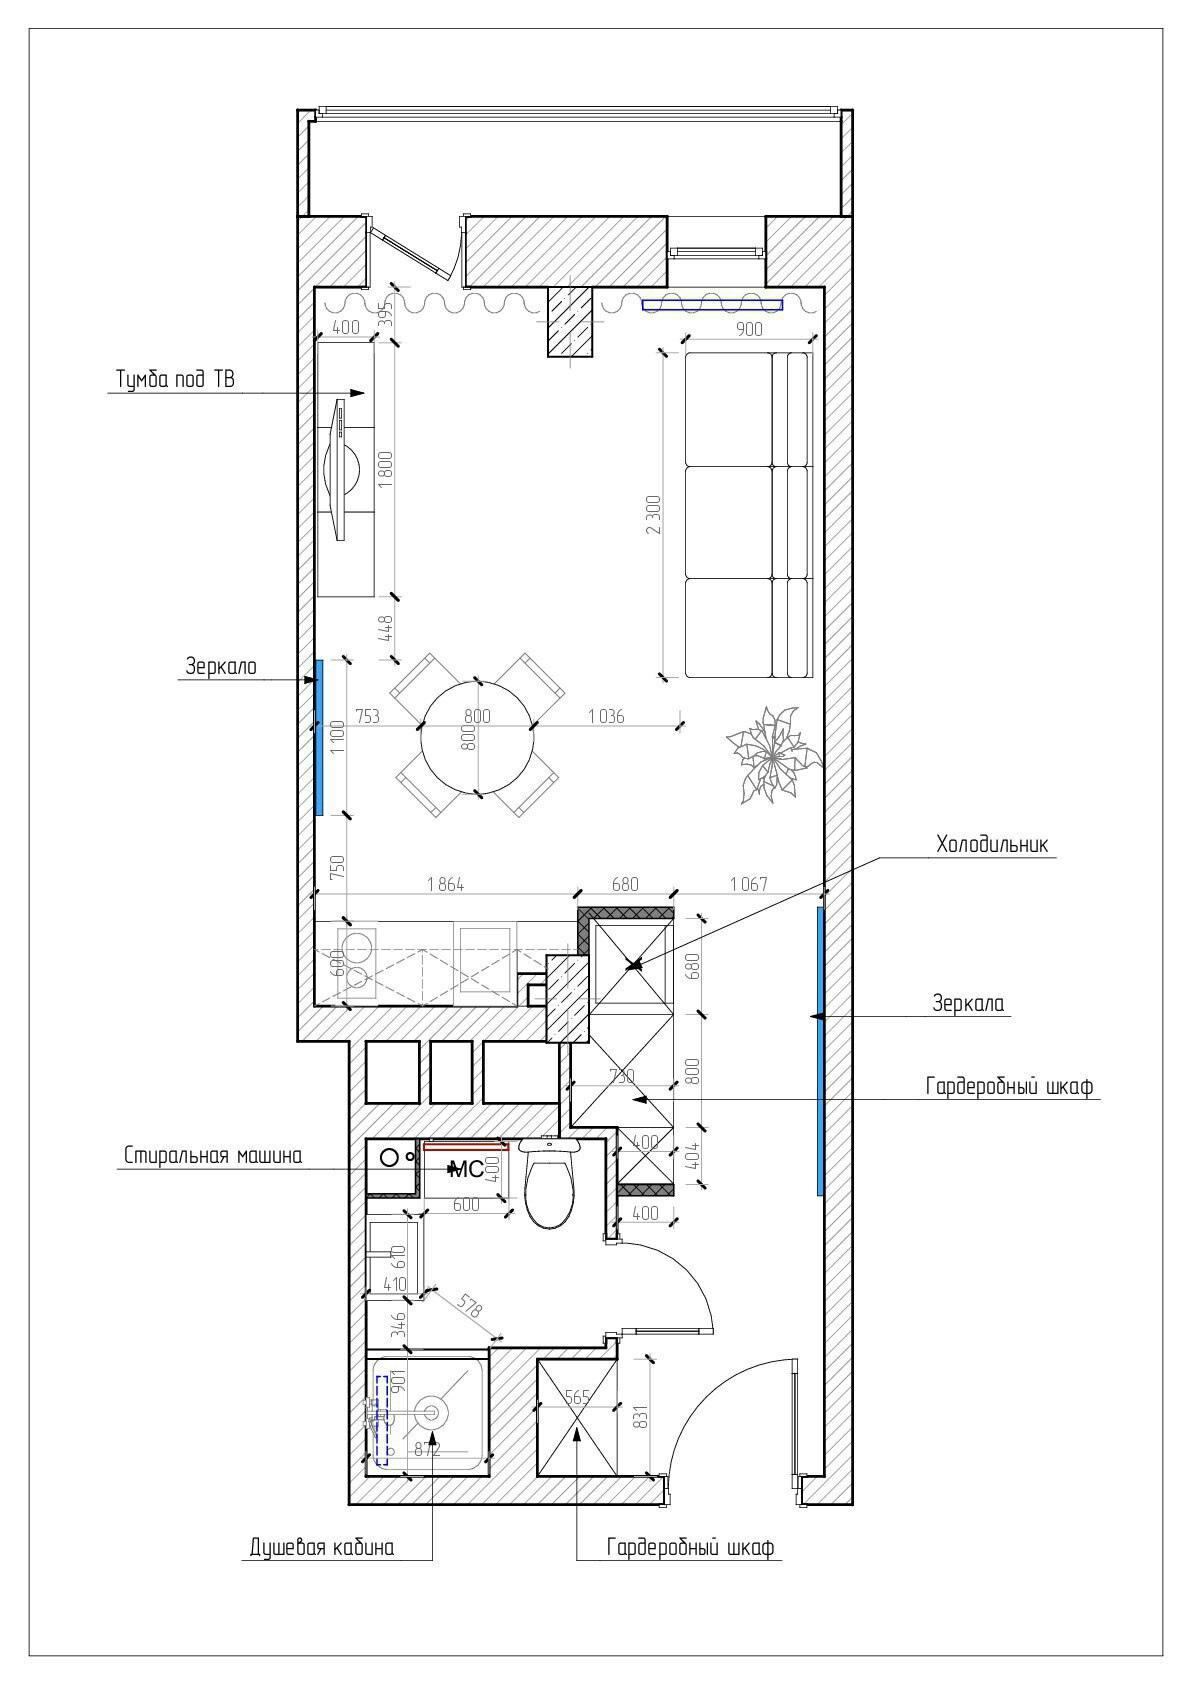 Проект квартиры-студии 27 кв.